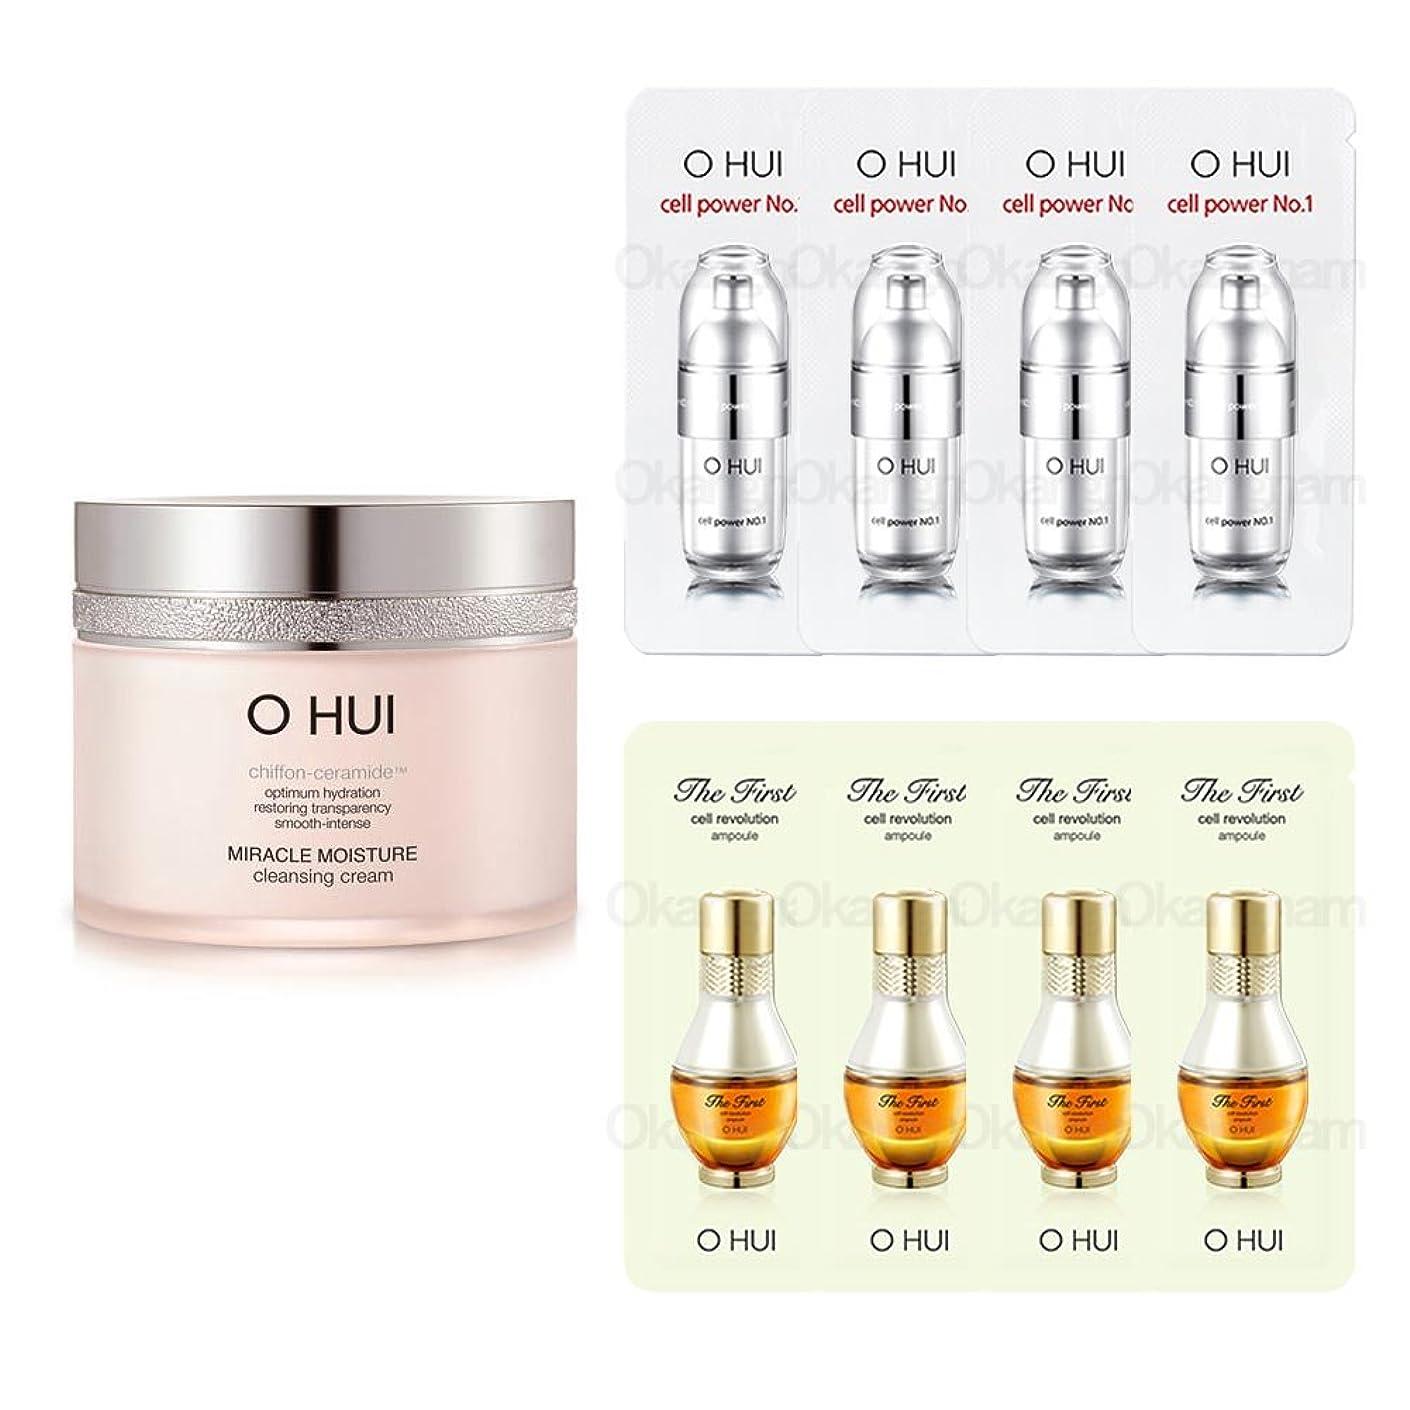 続編放課後無力[オフィ/ O HUI]韓国化粧品 LG生活健康/OHUI Miracle Moisture Cleansing Cream/ミラクル モイスチャー クレンジング クリーム200ml +[Sample Gift](海外直送品)